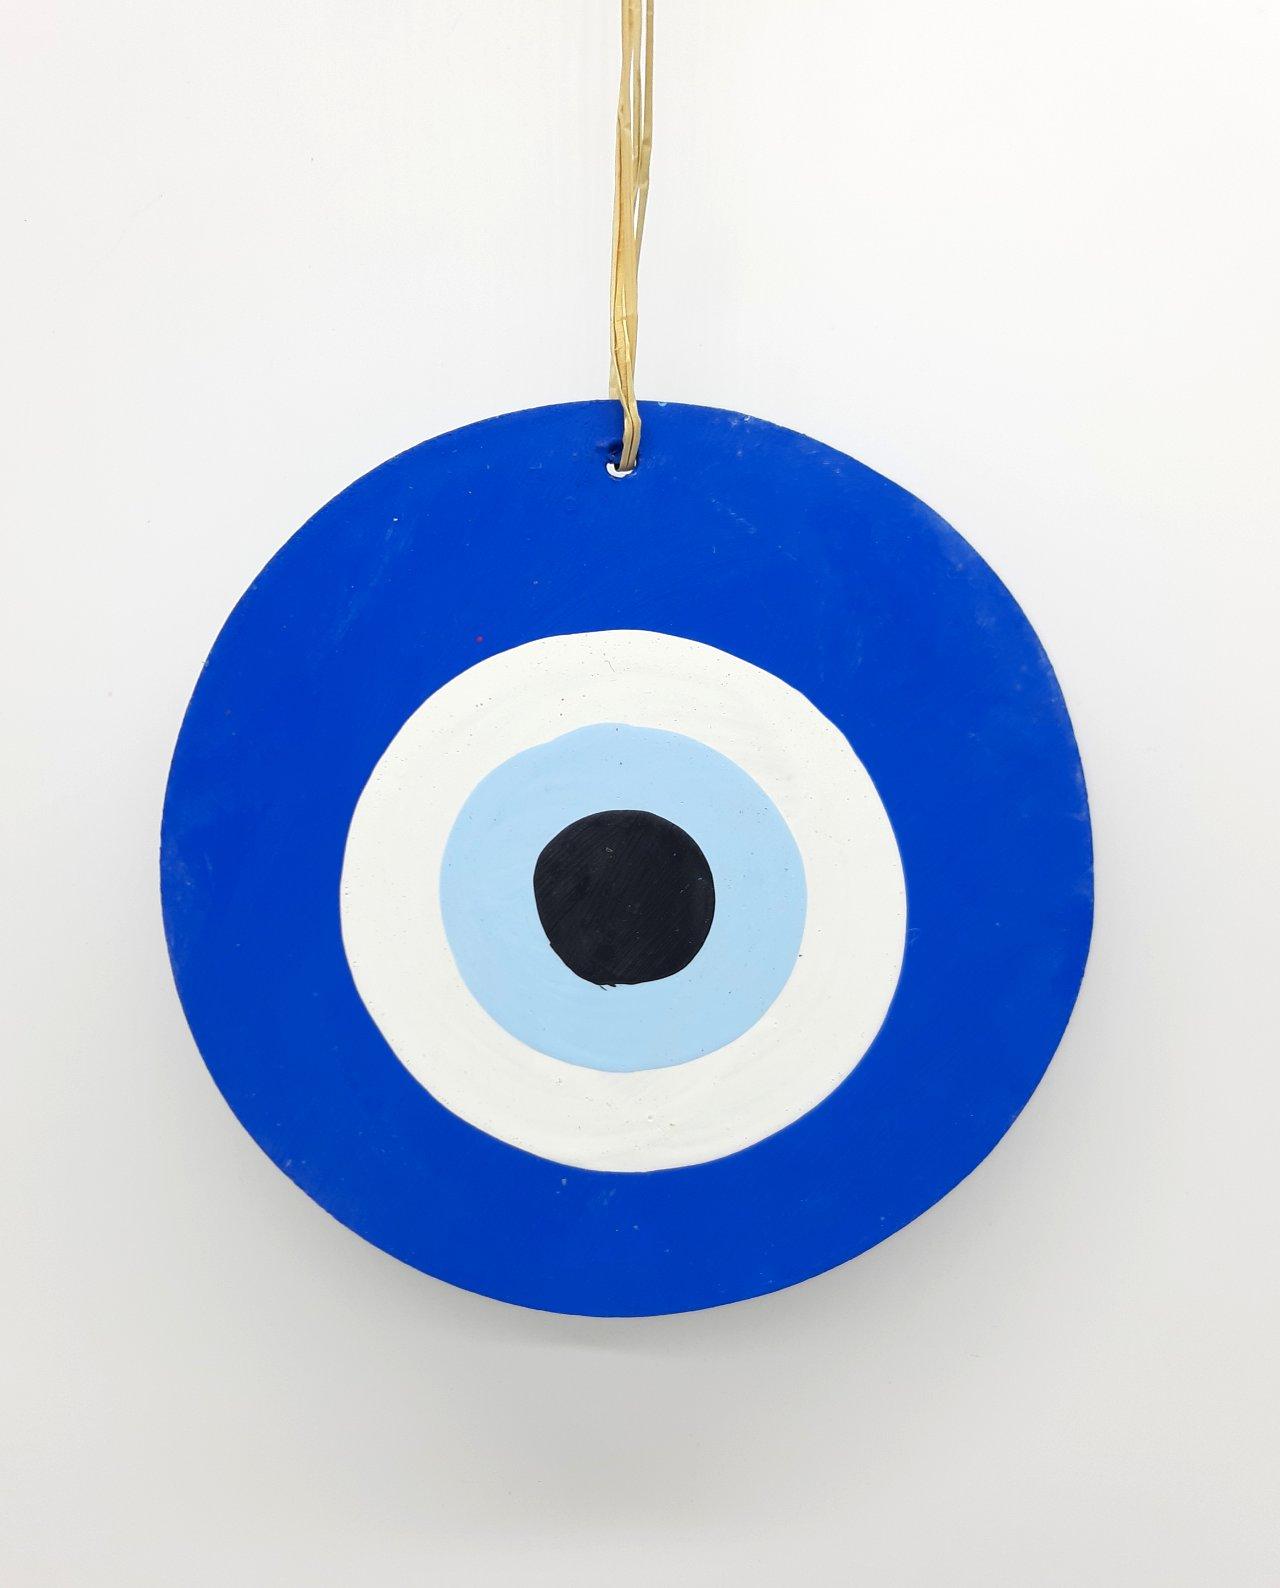 Ματάκι Ξύλινο Χειροποίητο Διαμέτρου 13 cm χρώμα μπλε